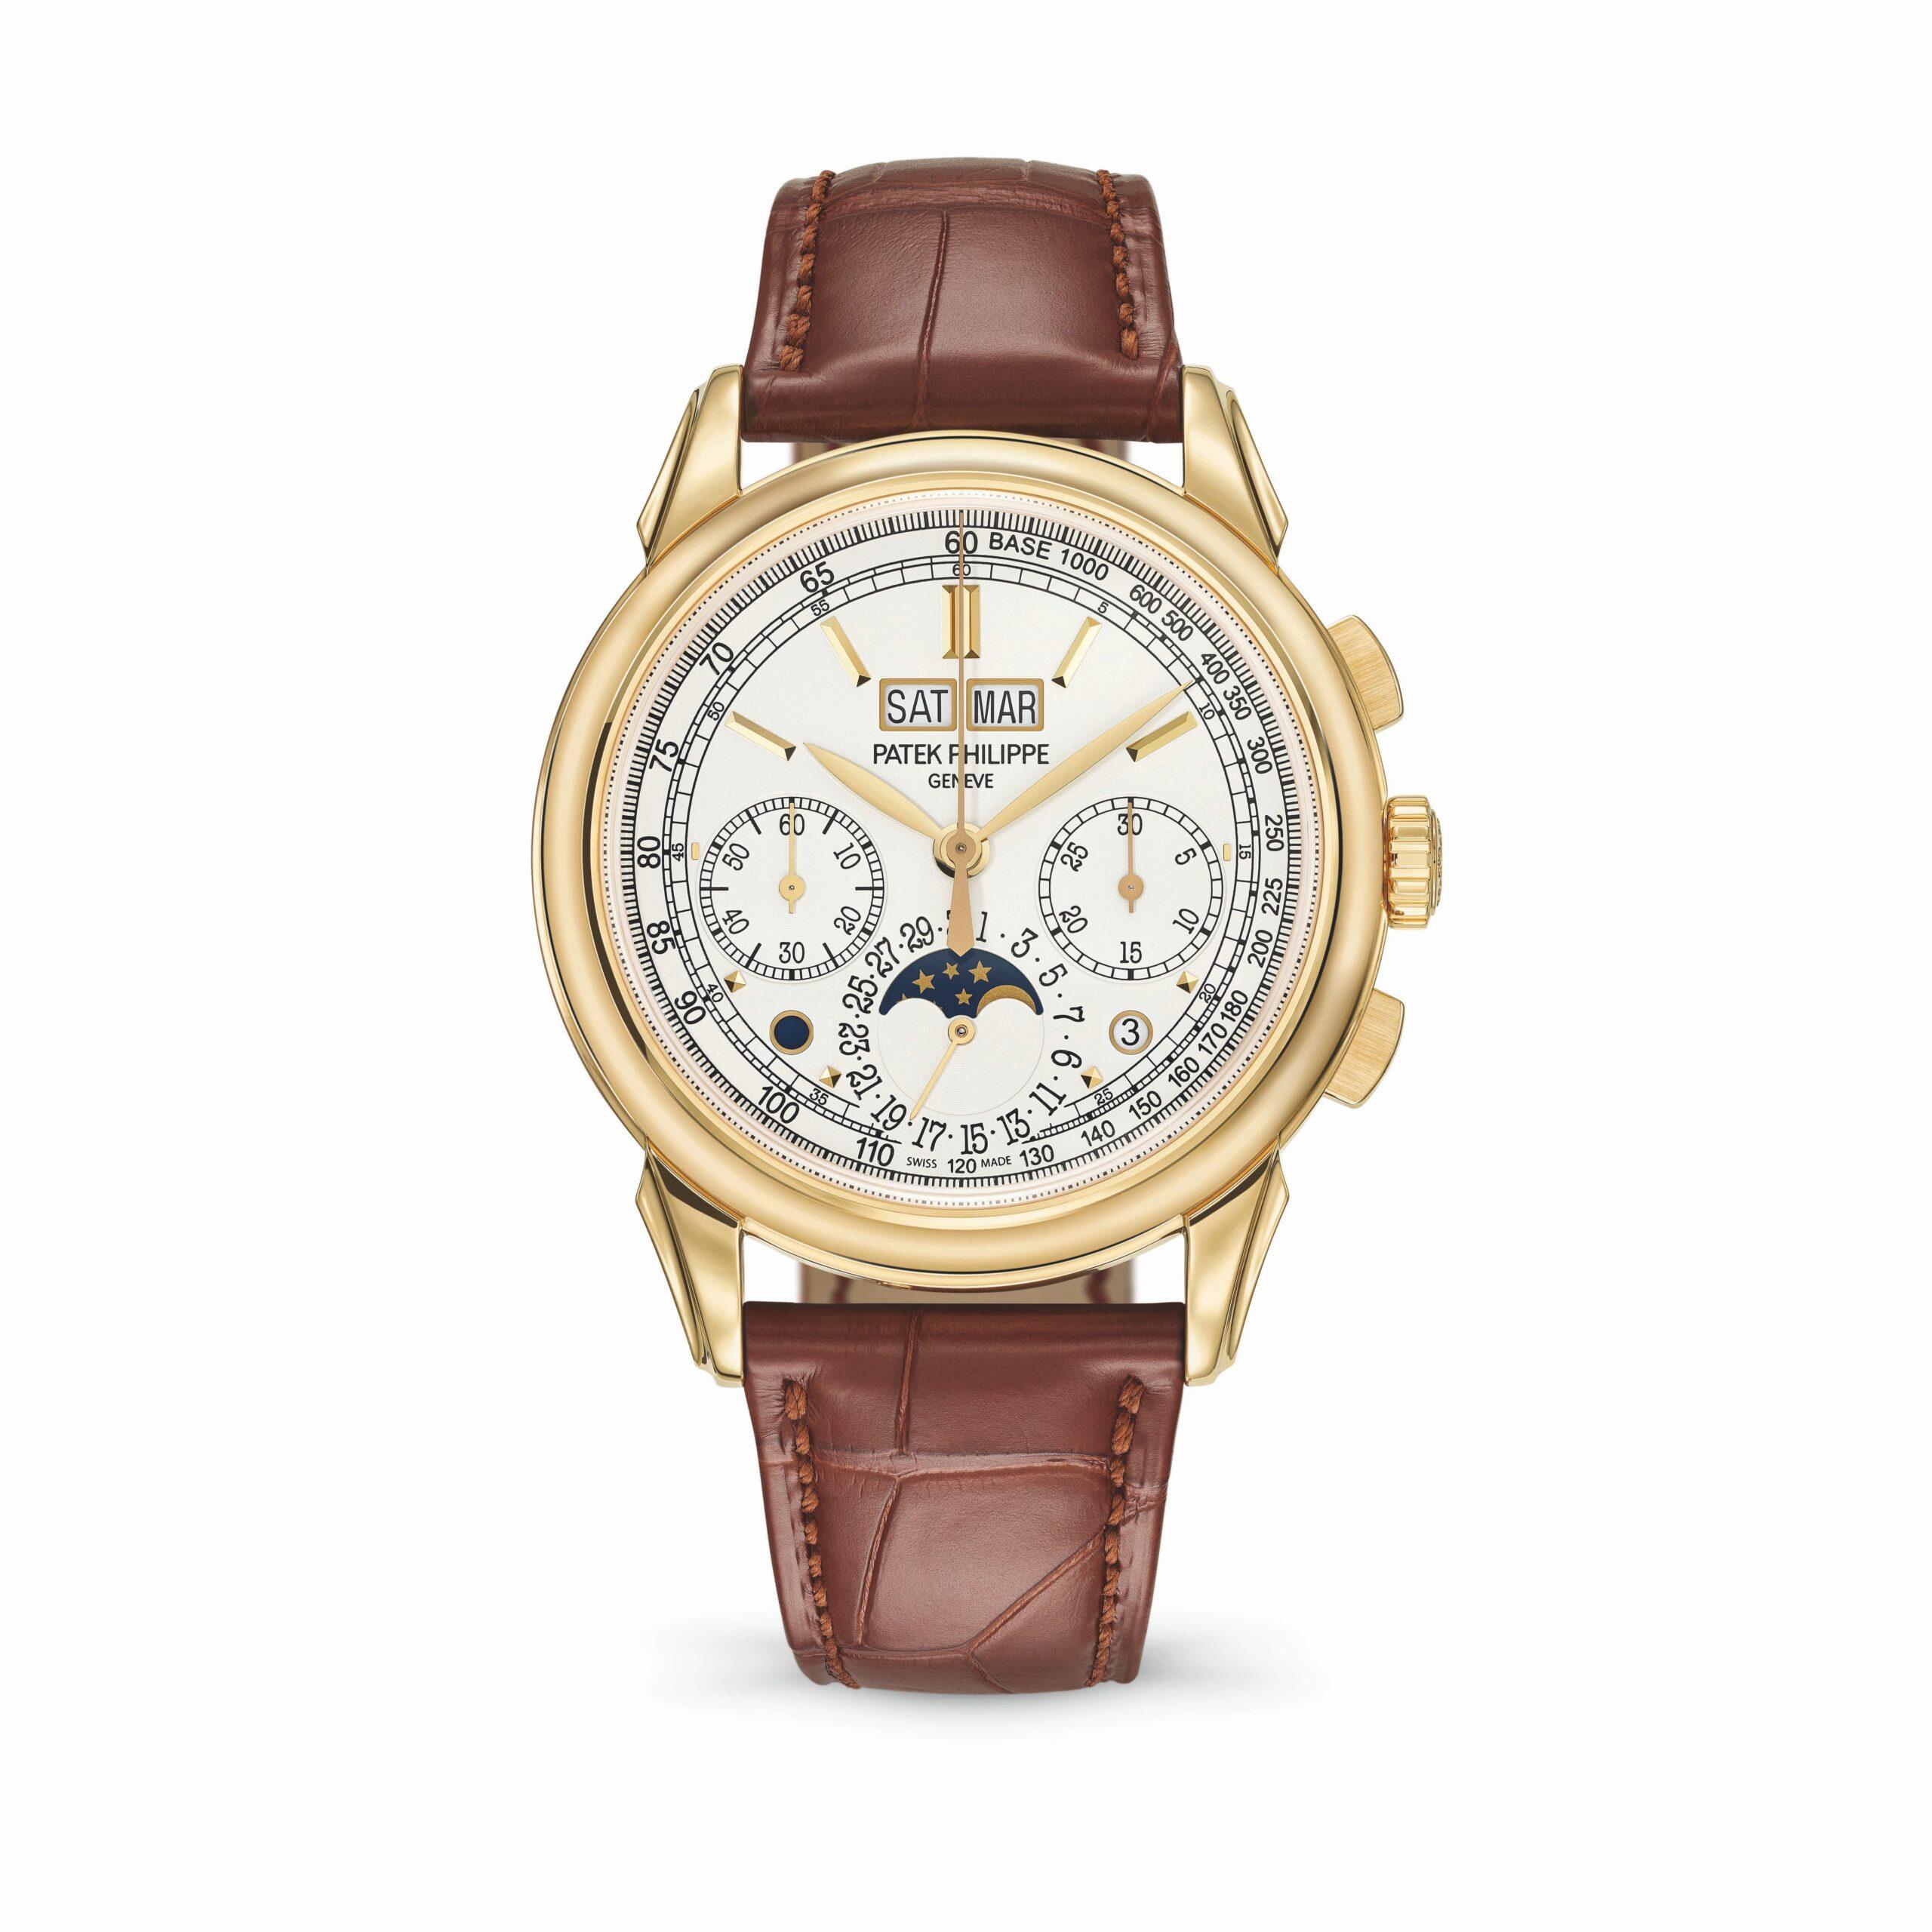 Patek Philippe Perpetual Calendar Chronograph Ref 5270J-001 -pack